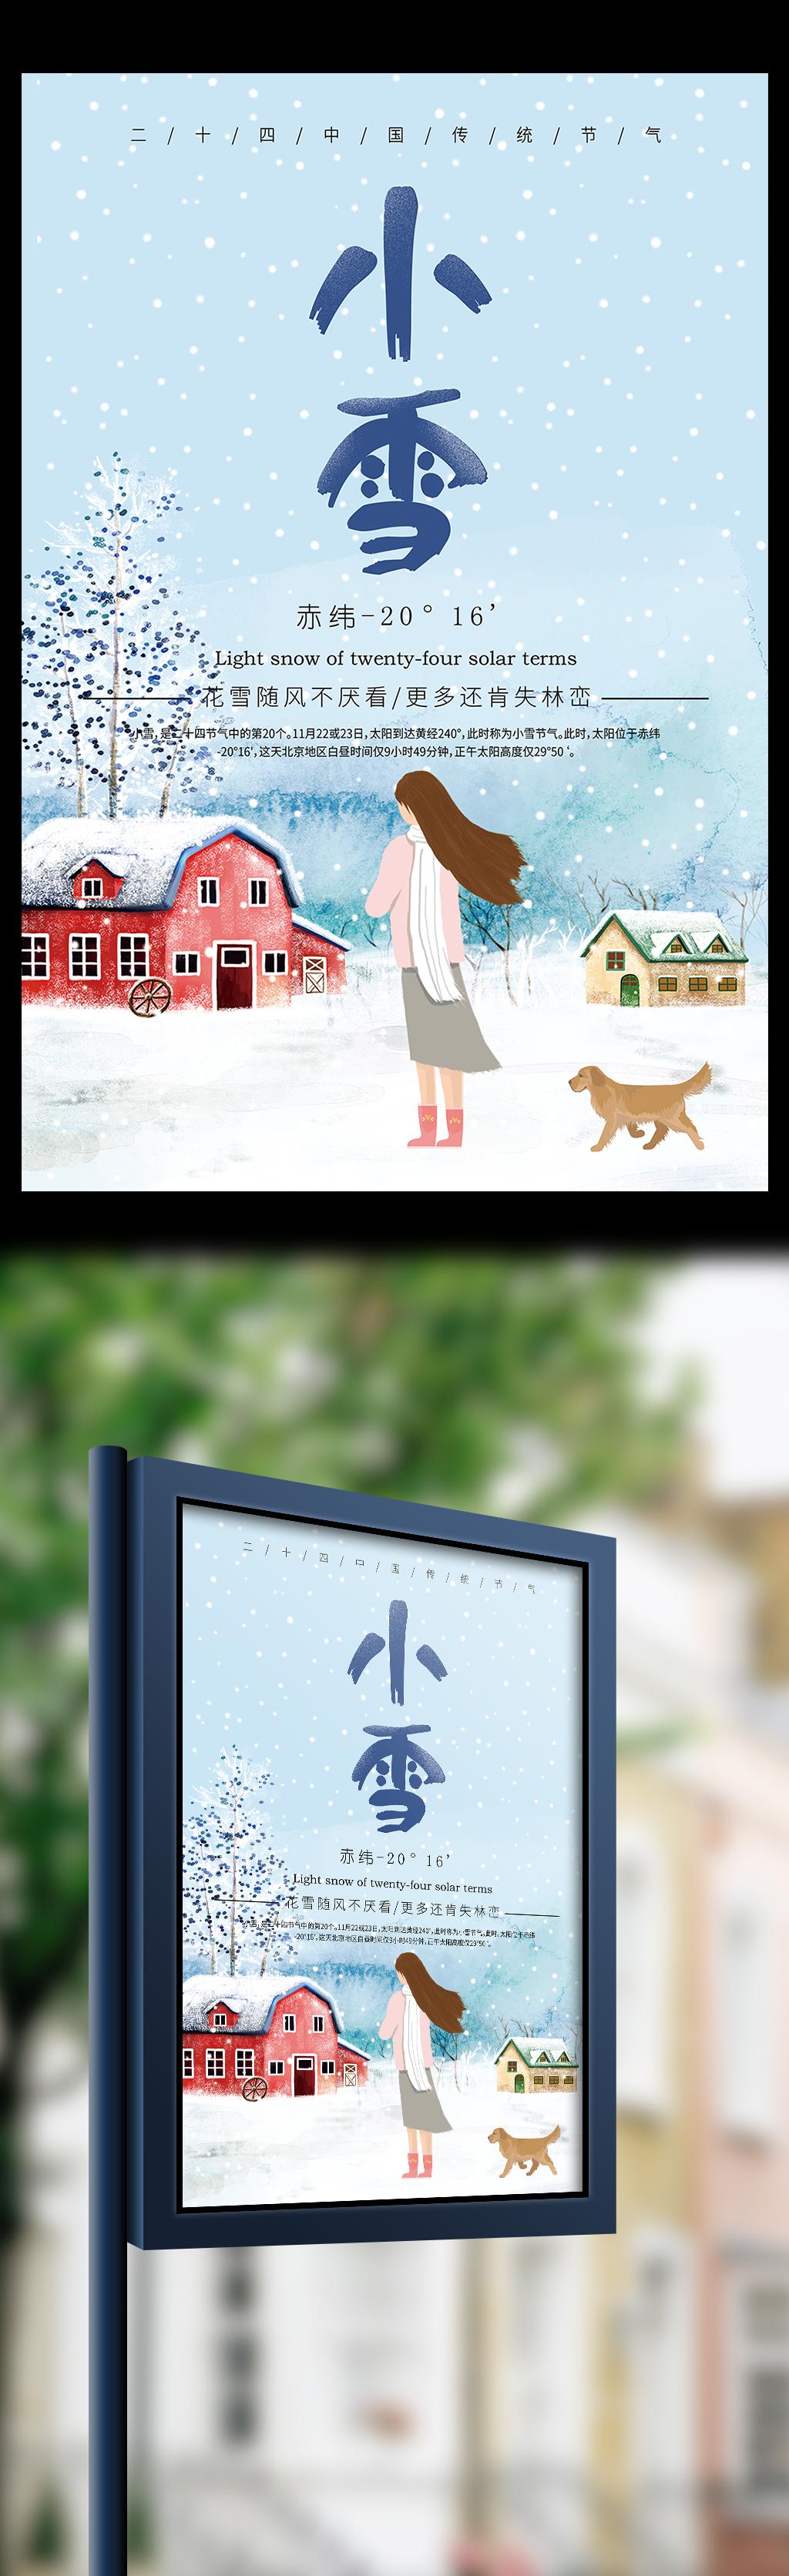 中国二十四节气小雪节气宣传海报